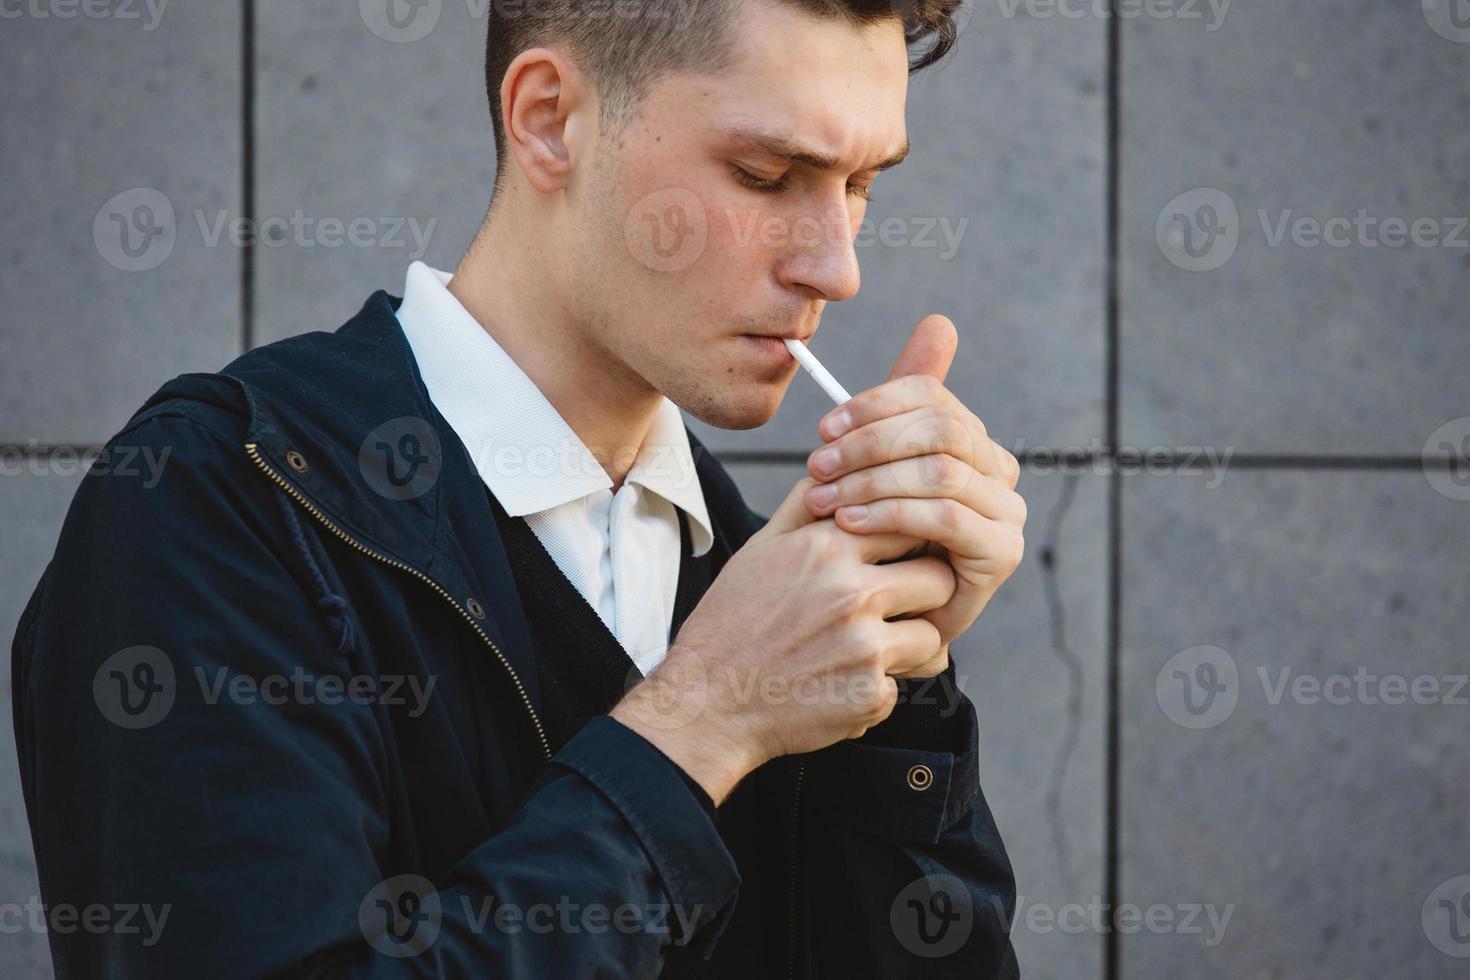 mode hipster manlig modell rökning foto